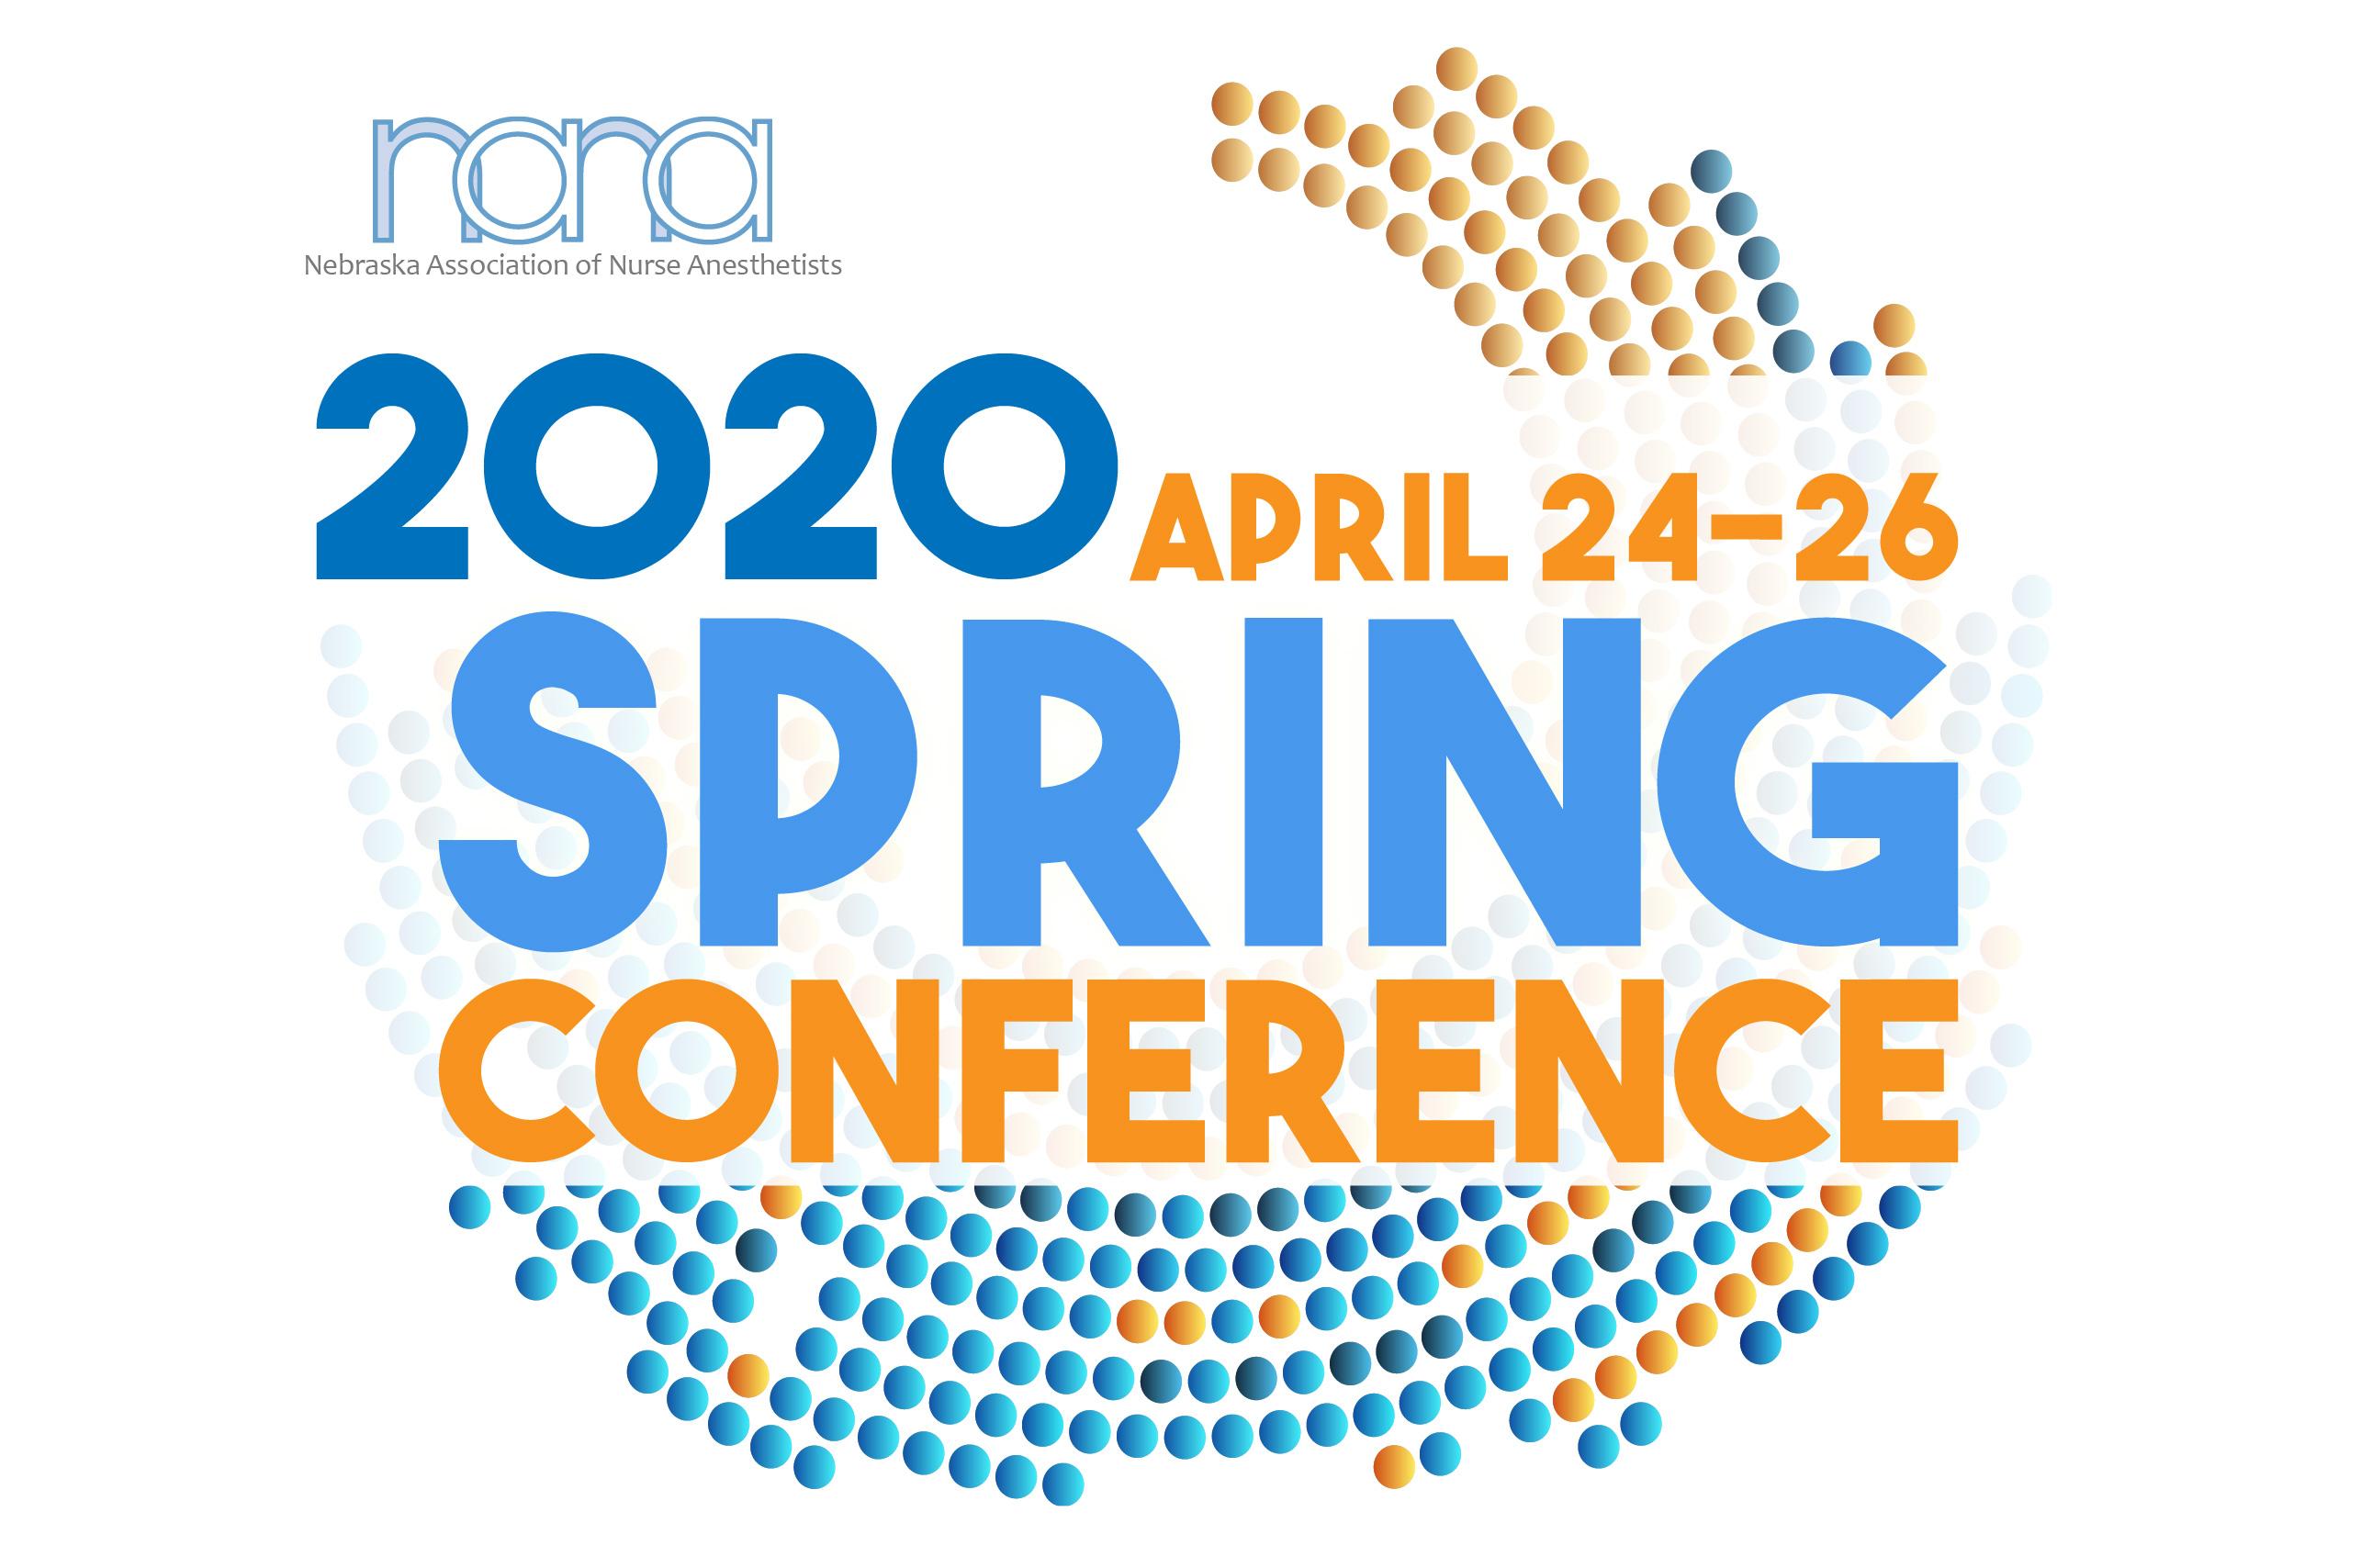 2020 NANA Spring Conference